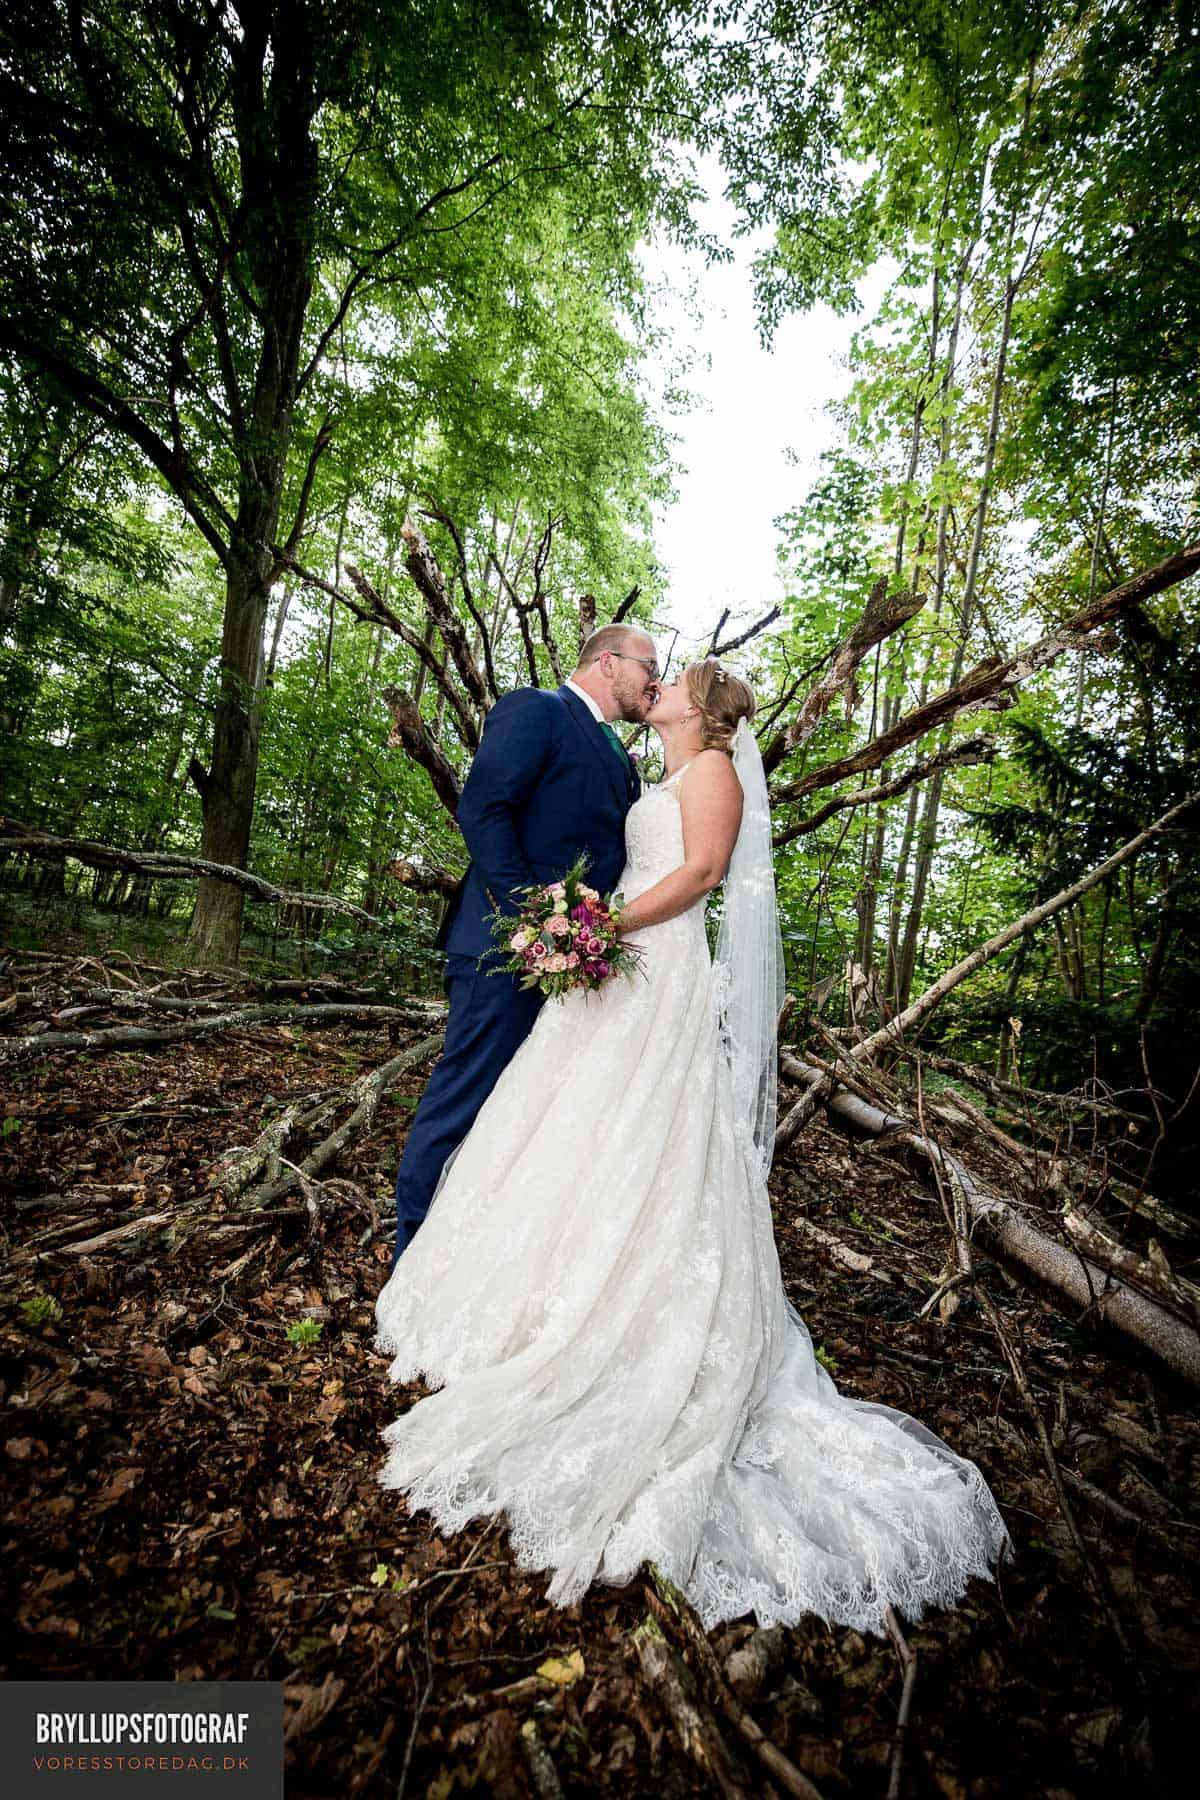 Brudekjoler i et romantisk univers